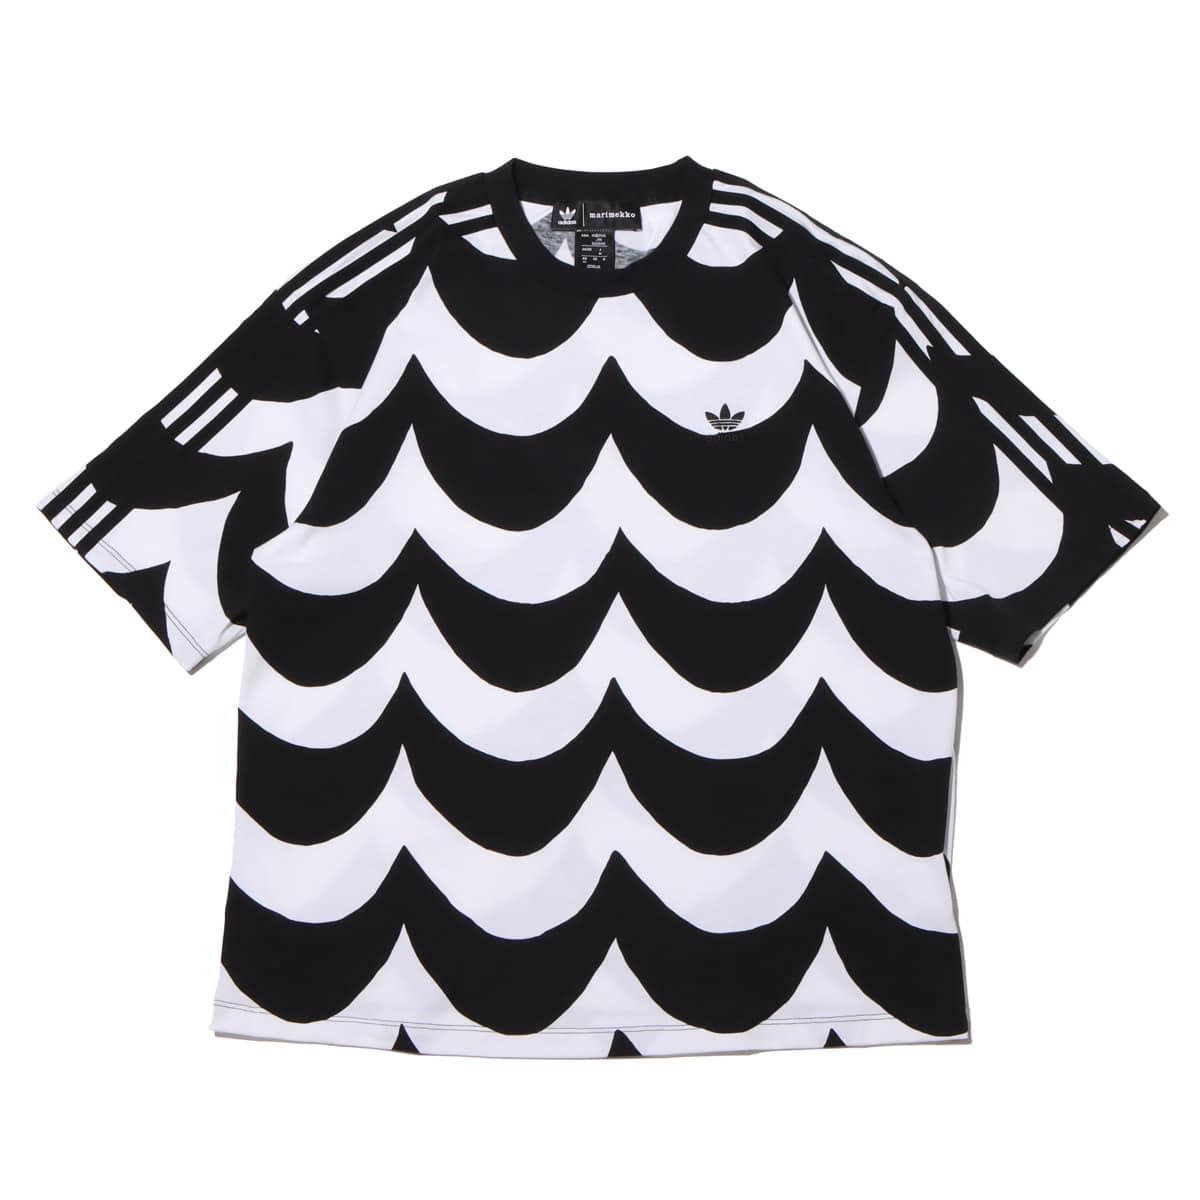 adidas Marimekko TEE BLACK/WHITE 21FW-I_photo_large